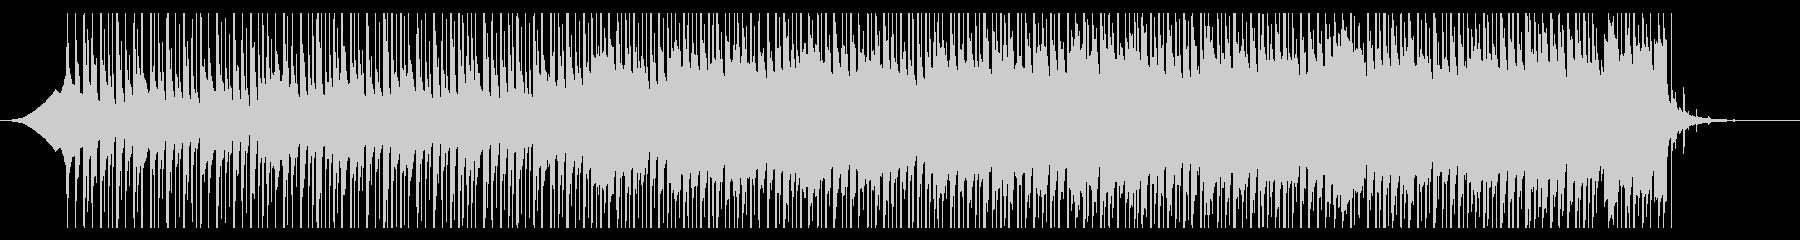 成功の構築(60秒)の未再生の波形